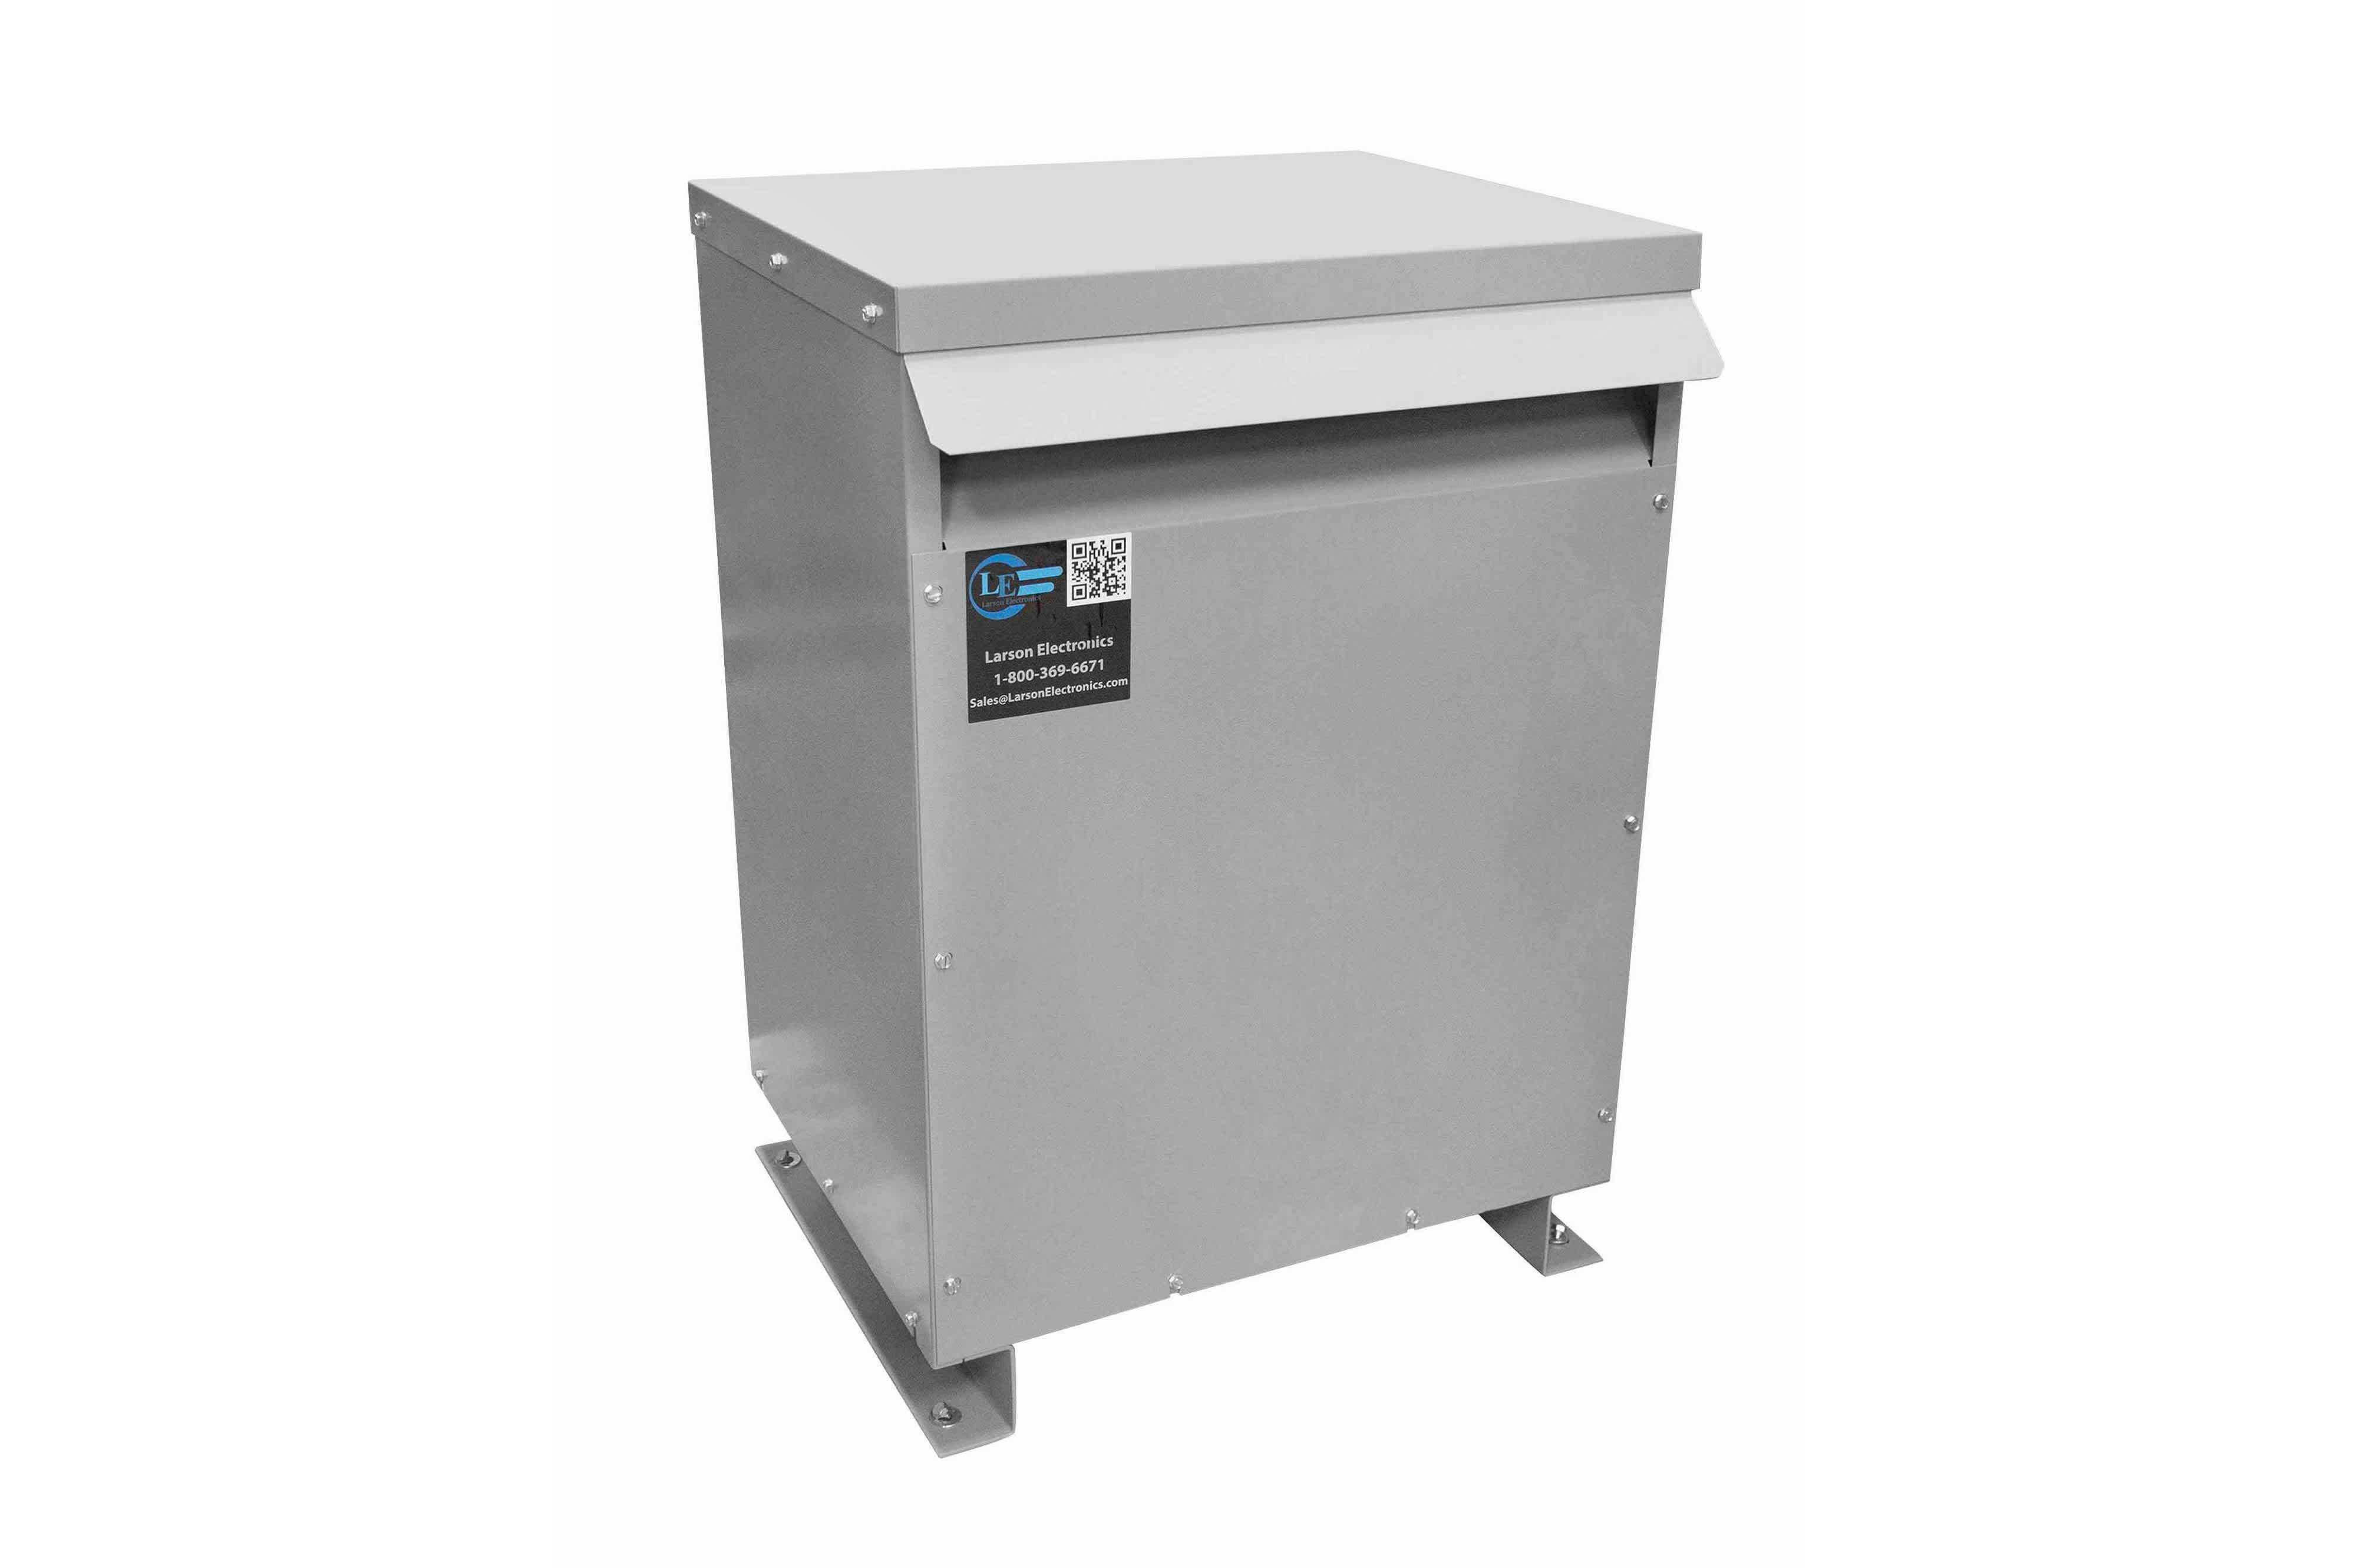 9 kVA 3PH Isolation Transformer, 230V Delta Primary, 480V Delta Secondary, N3R, Ventilated, 60 Hz